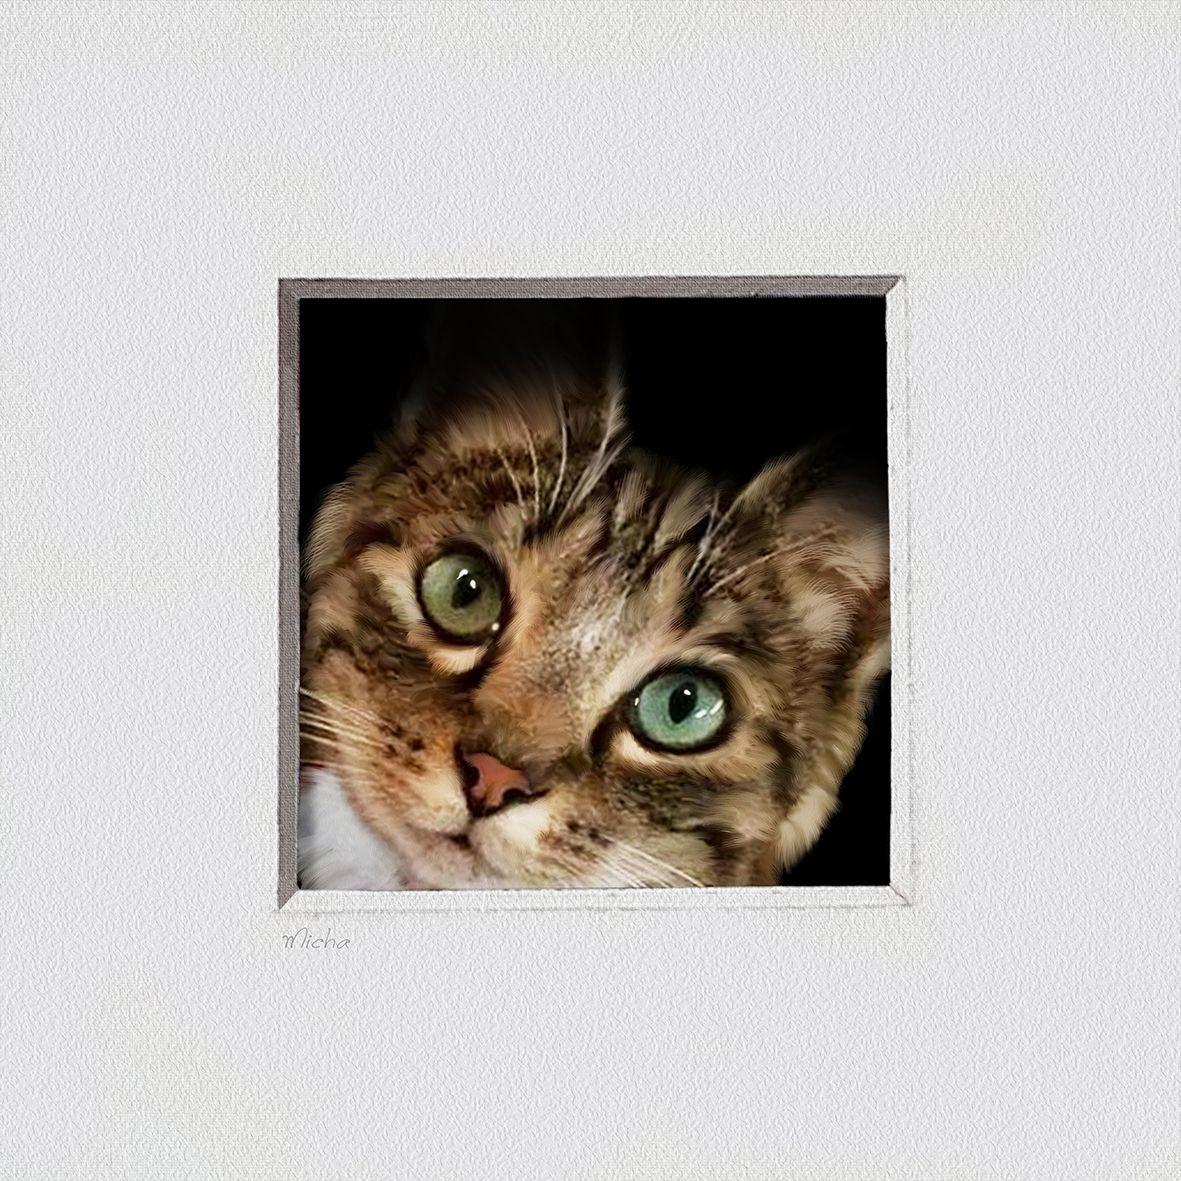 Your Cat En Trompe L Oeil Custom Pet Portrait From Photo Get A Pet Portrait Of Your Best Buddy Or Give It Animaux En Costumes Portraits D Animaux Et Peintre Animalier